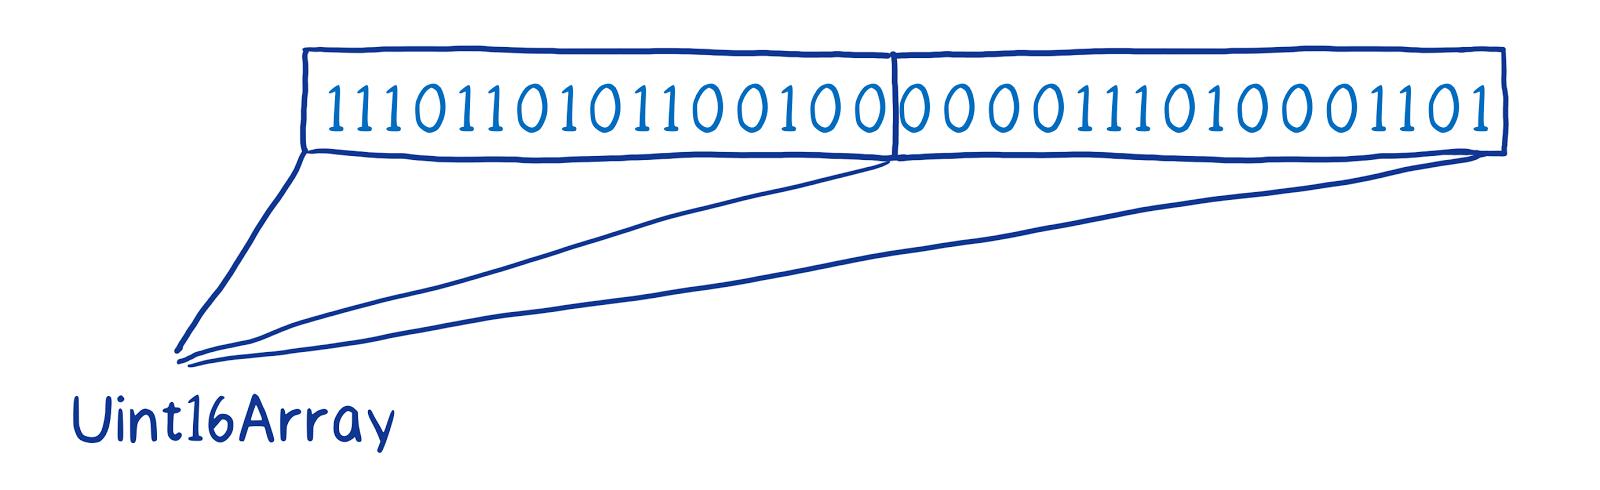 ArrayBuffer и SharedArrayBuffer в JavaScript, часть 2: знакомство с новыми объектами языка - 7